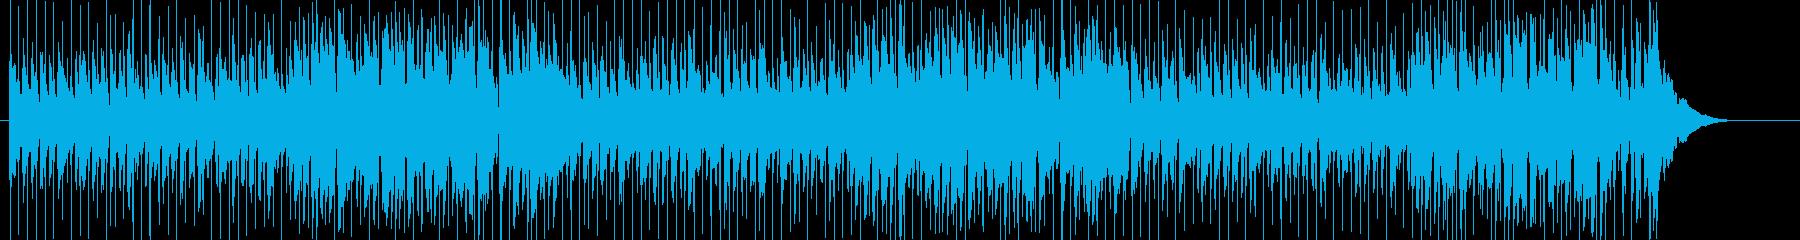 ゆったりとした南国風のボサノバの再生済みの波形